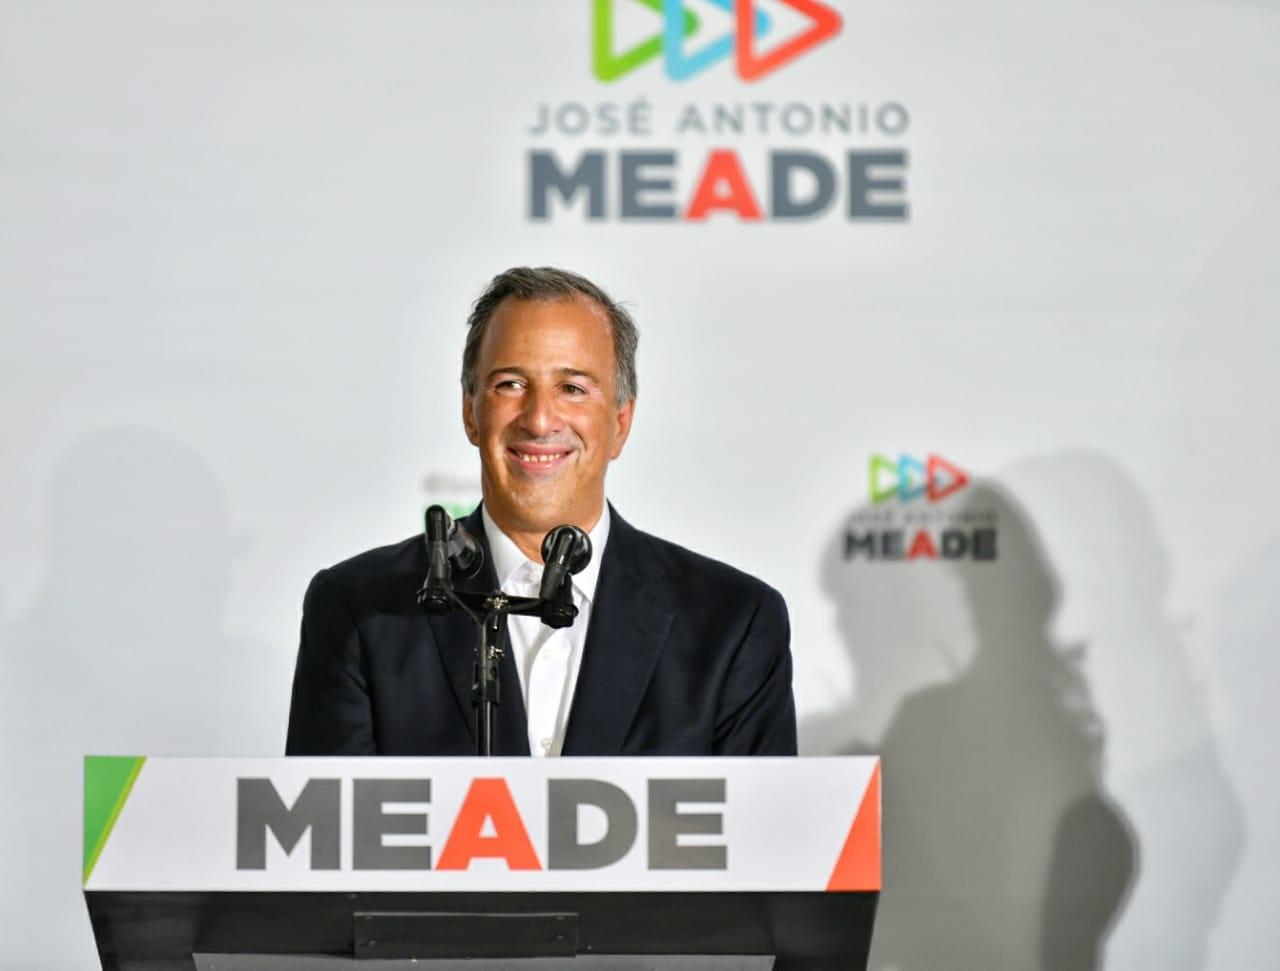 Crónica |  Meade o el candidato ciudadano que hundió al PRI